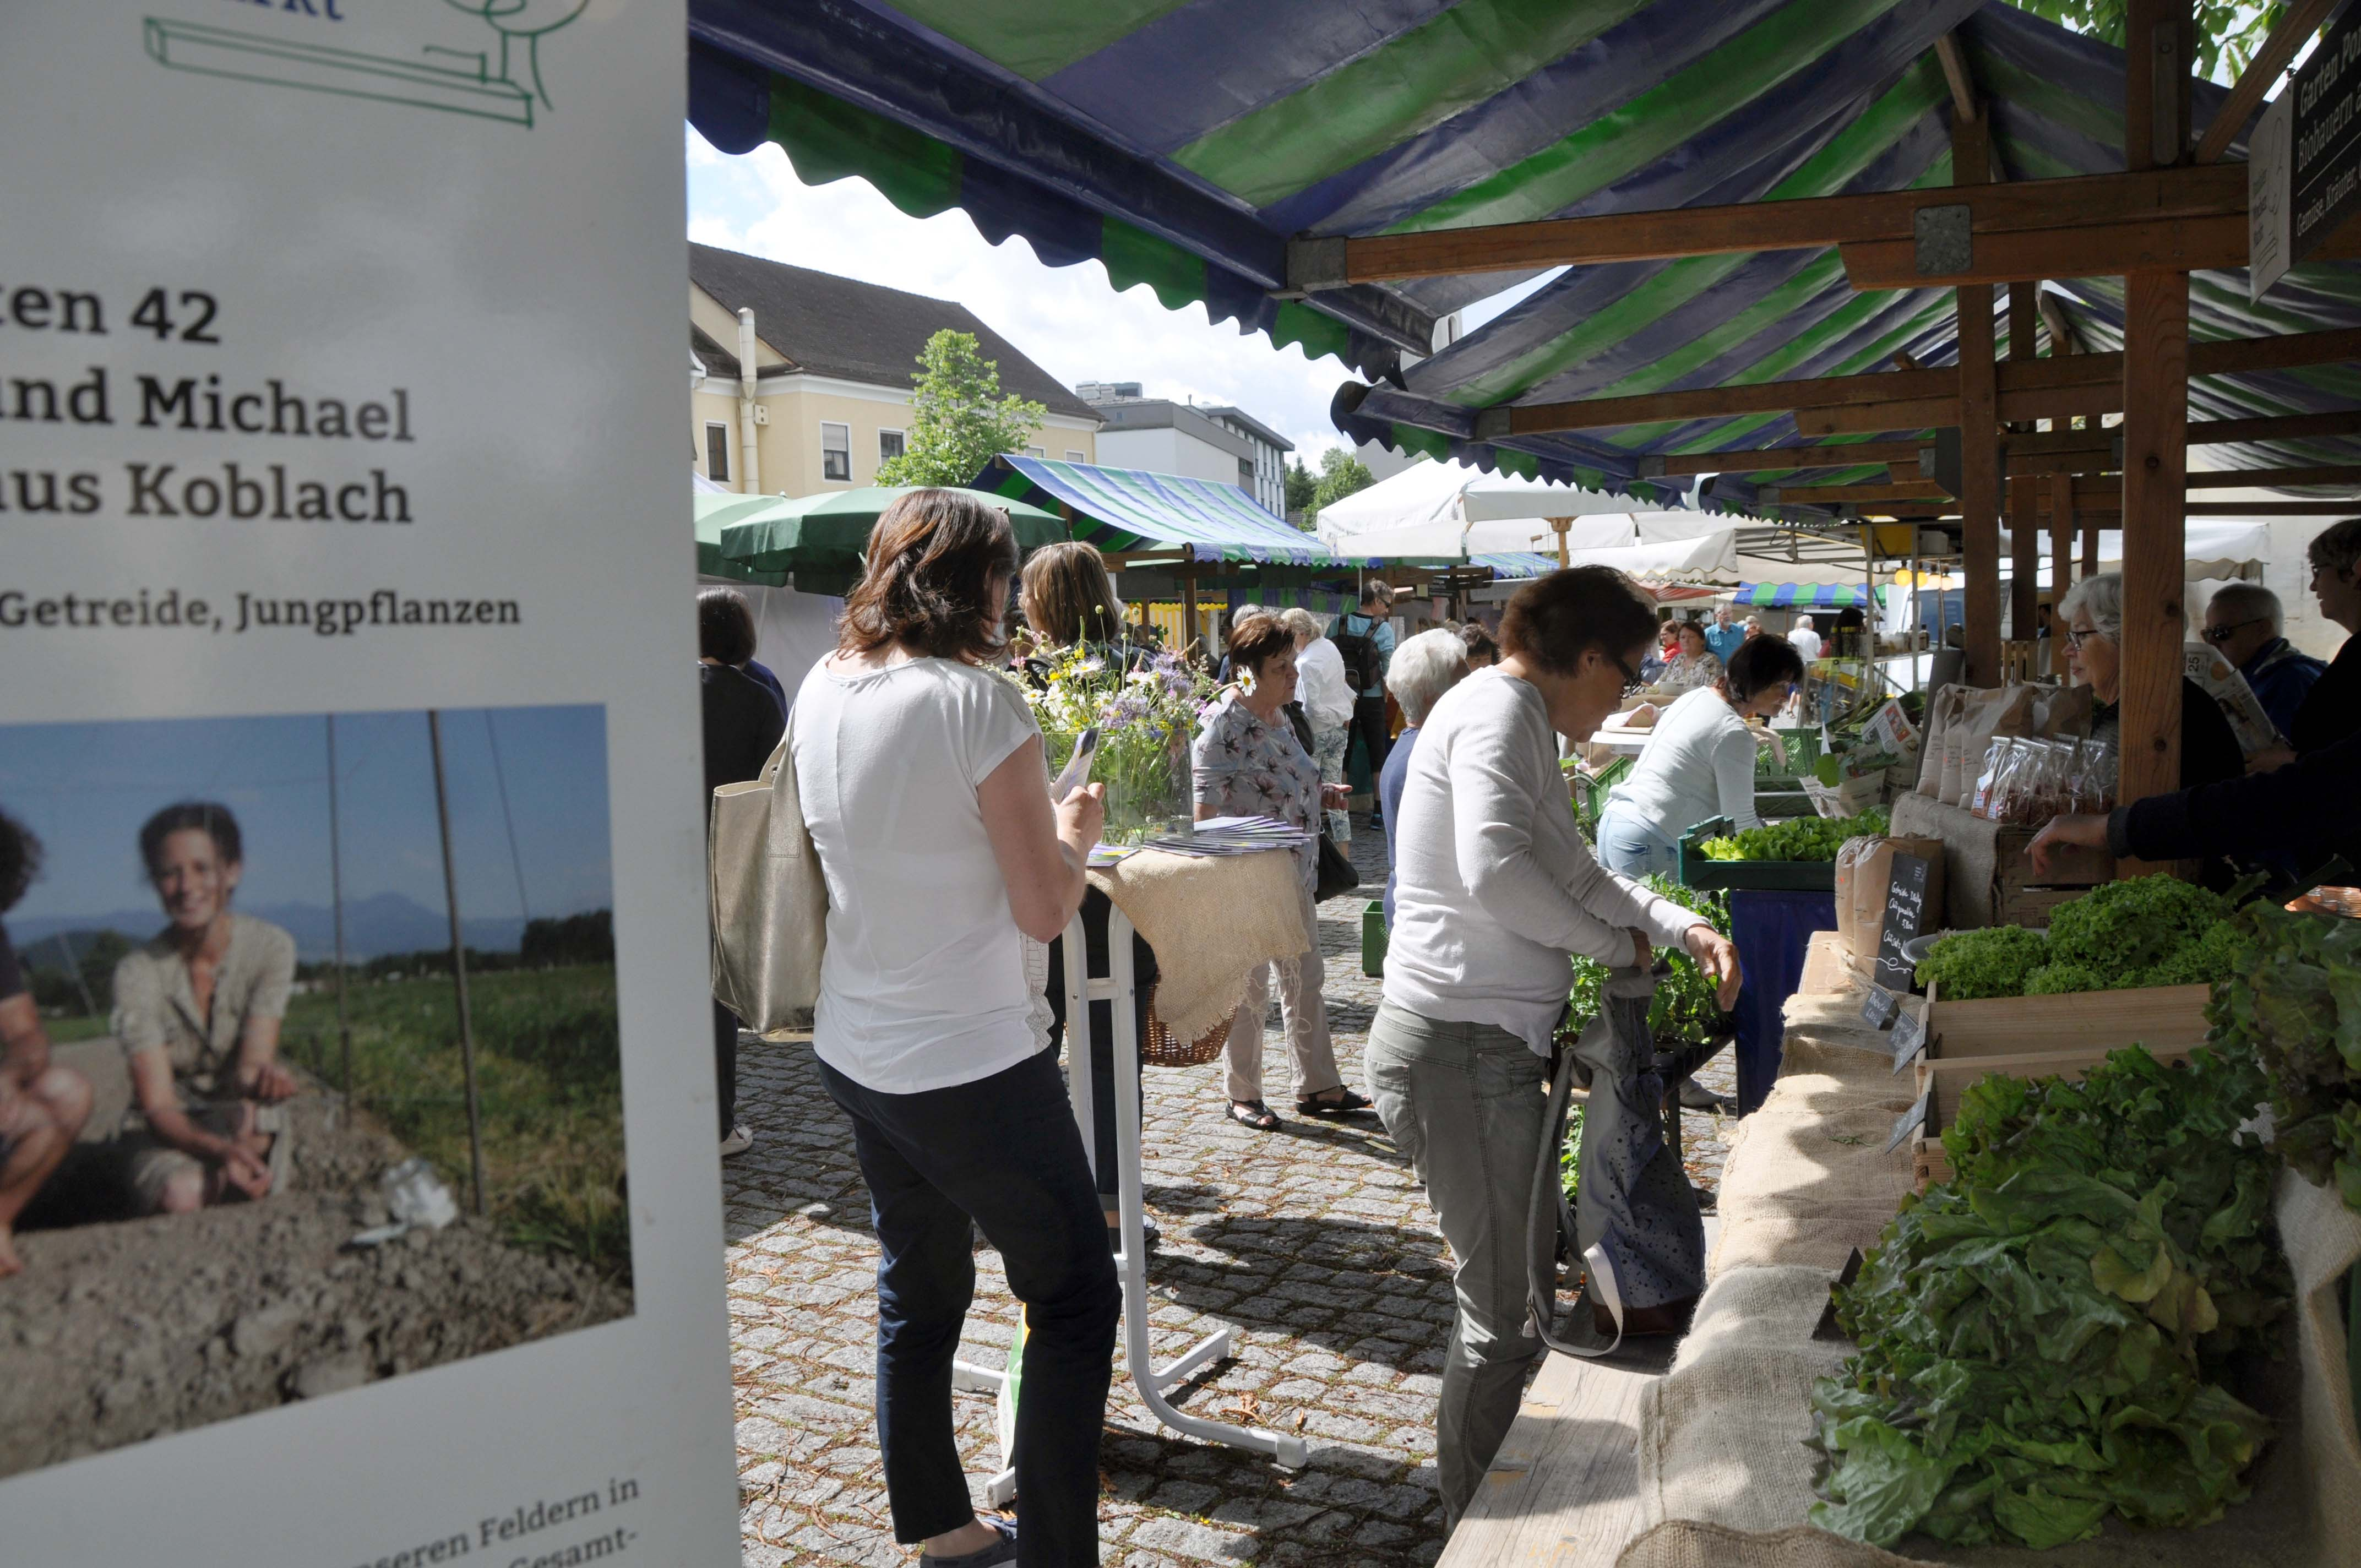 Das Marktfest am Rankler Wochenmarkt war gut besucht.